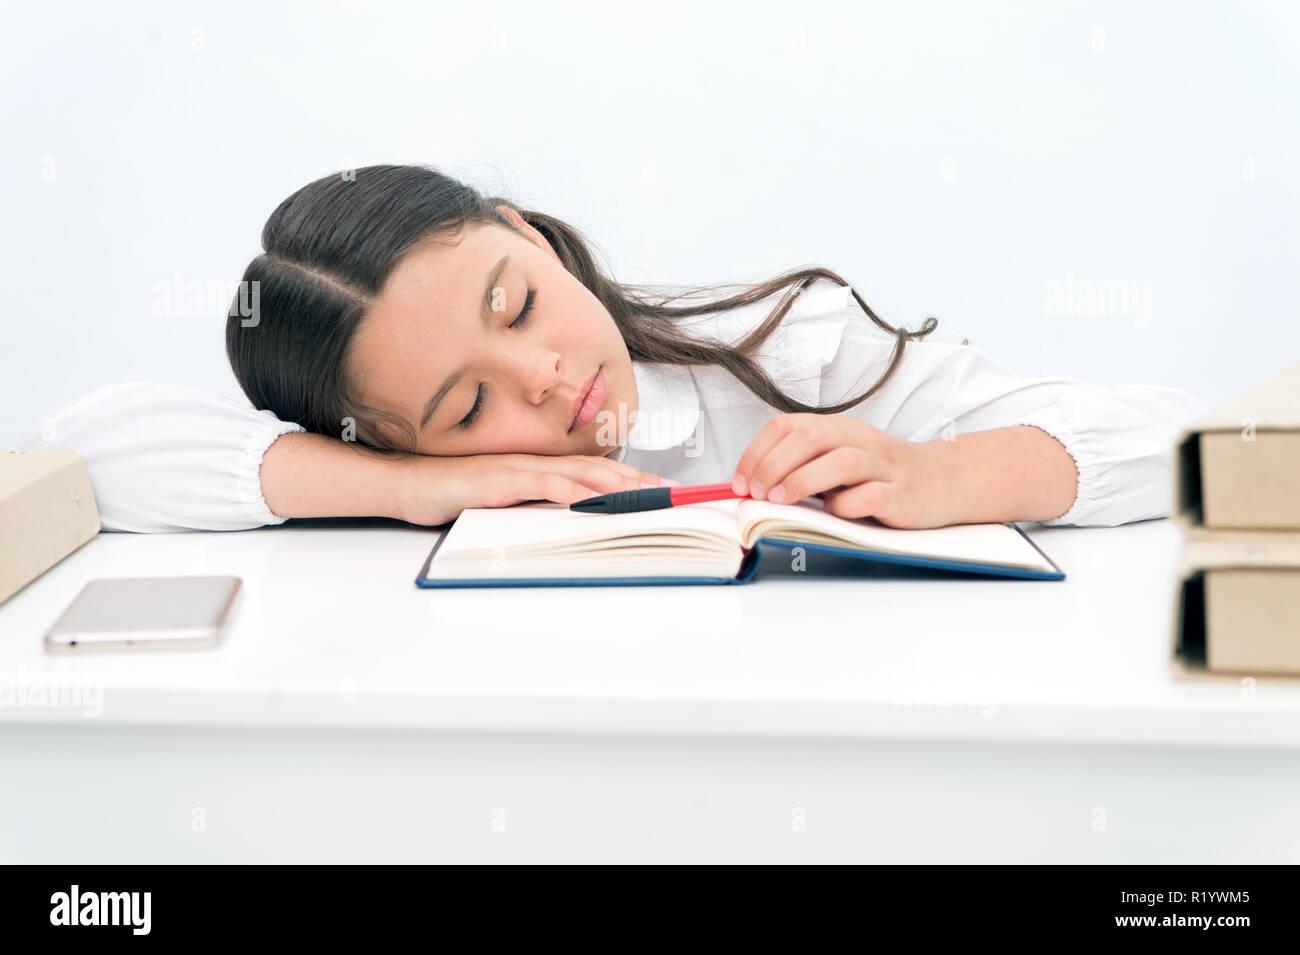 Concepto de NAP. Cansado schoolgirl tienen pan. Niña tomando pan en la mesa. Es la hora de la siesta. Imagen De Stock